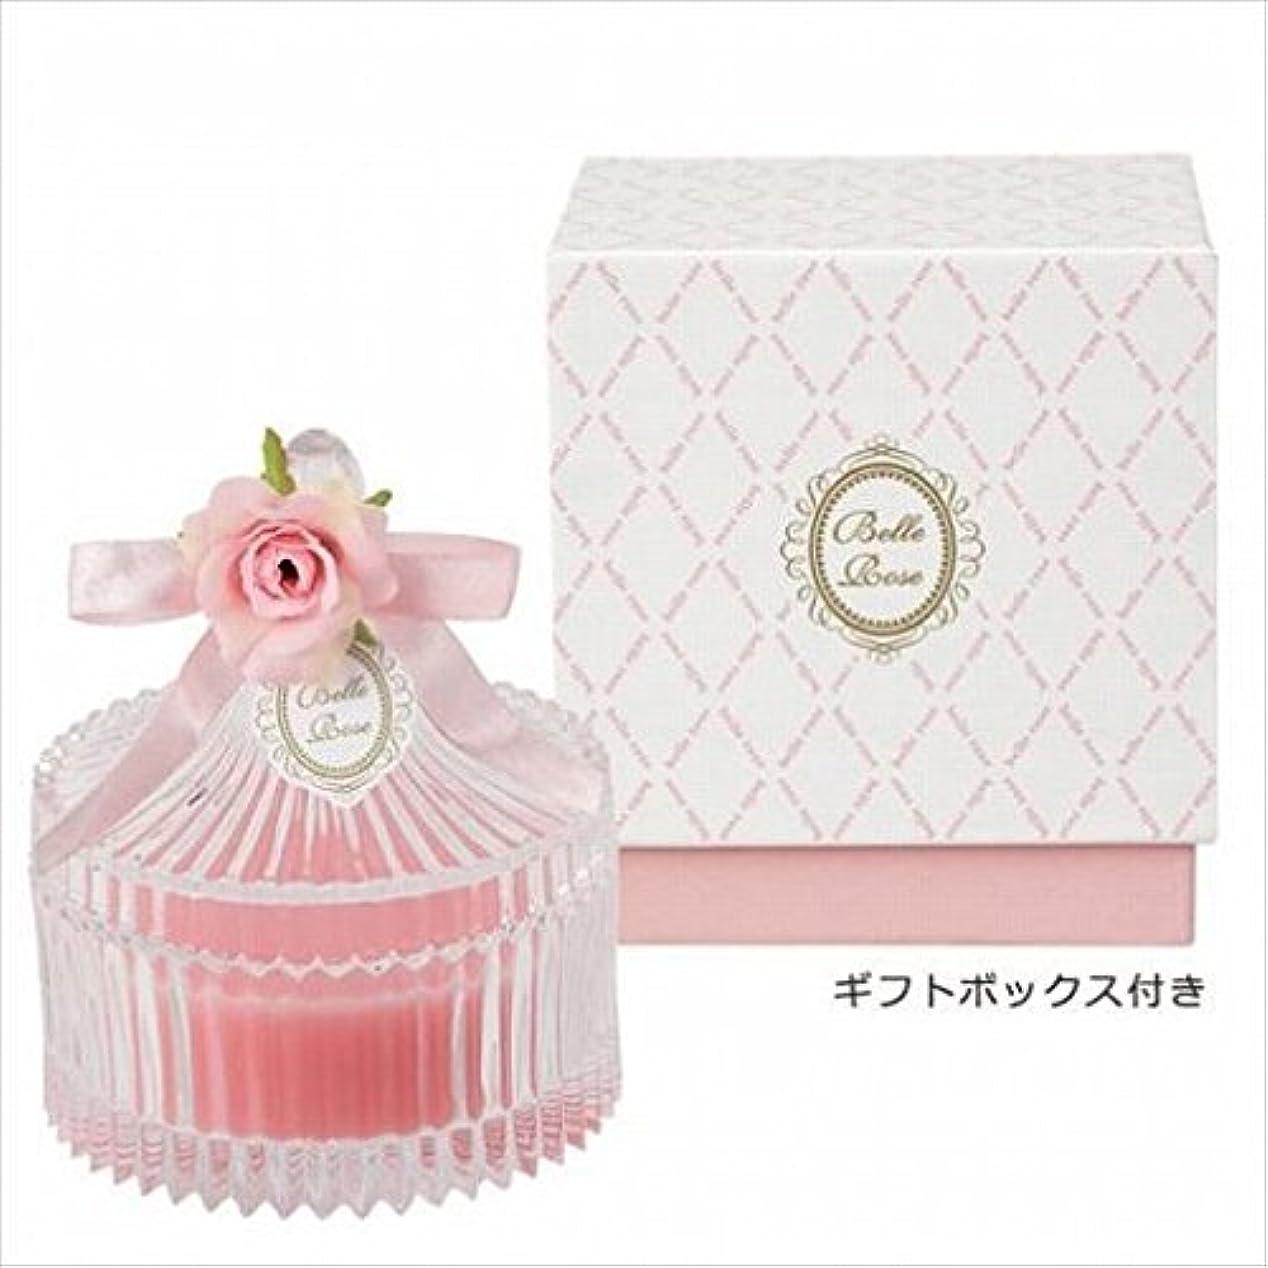 コンソール確保するジャンプするkameyama candle(カメヤマキャンドル) ベルローズキャニスター 「 ピンク 」 キャンドル(A5920500PK)